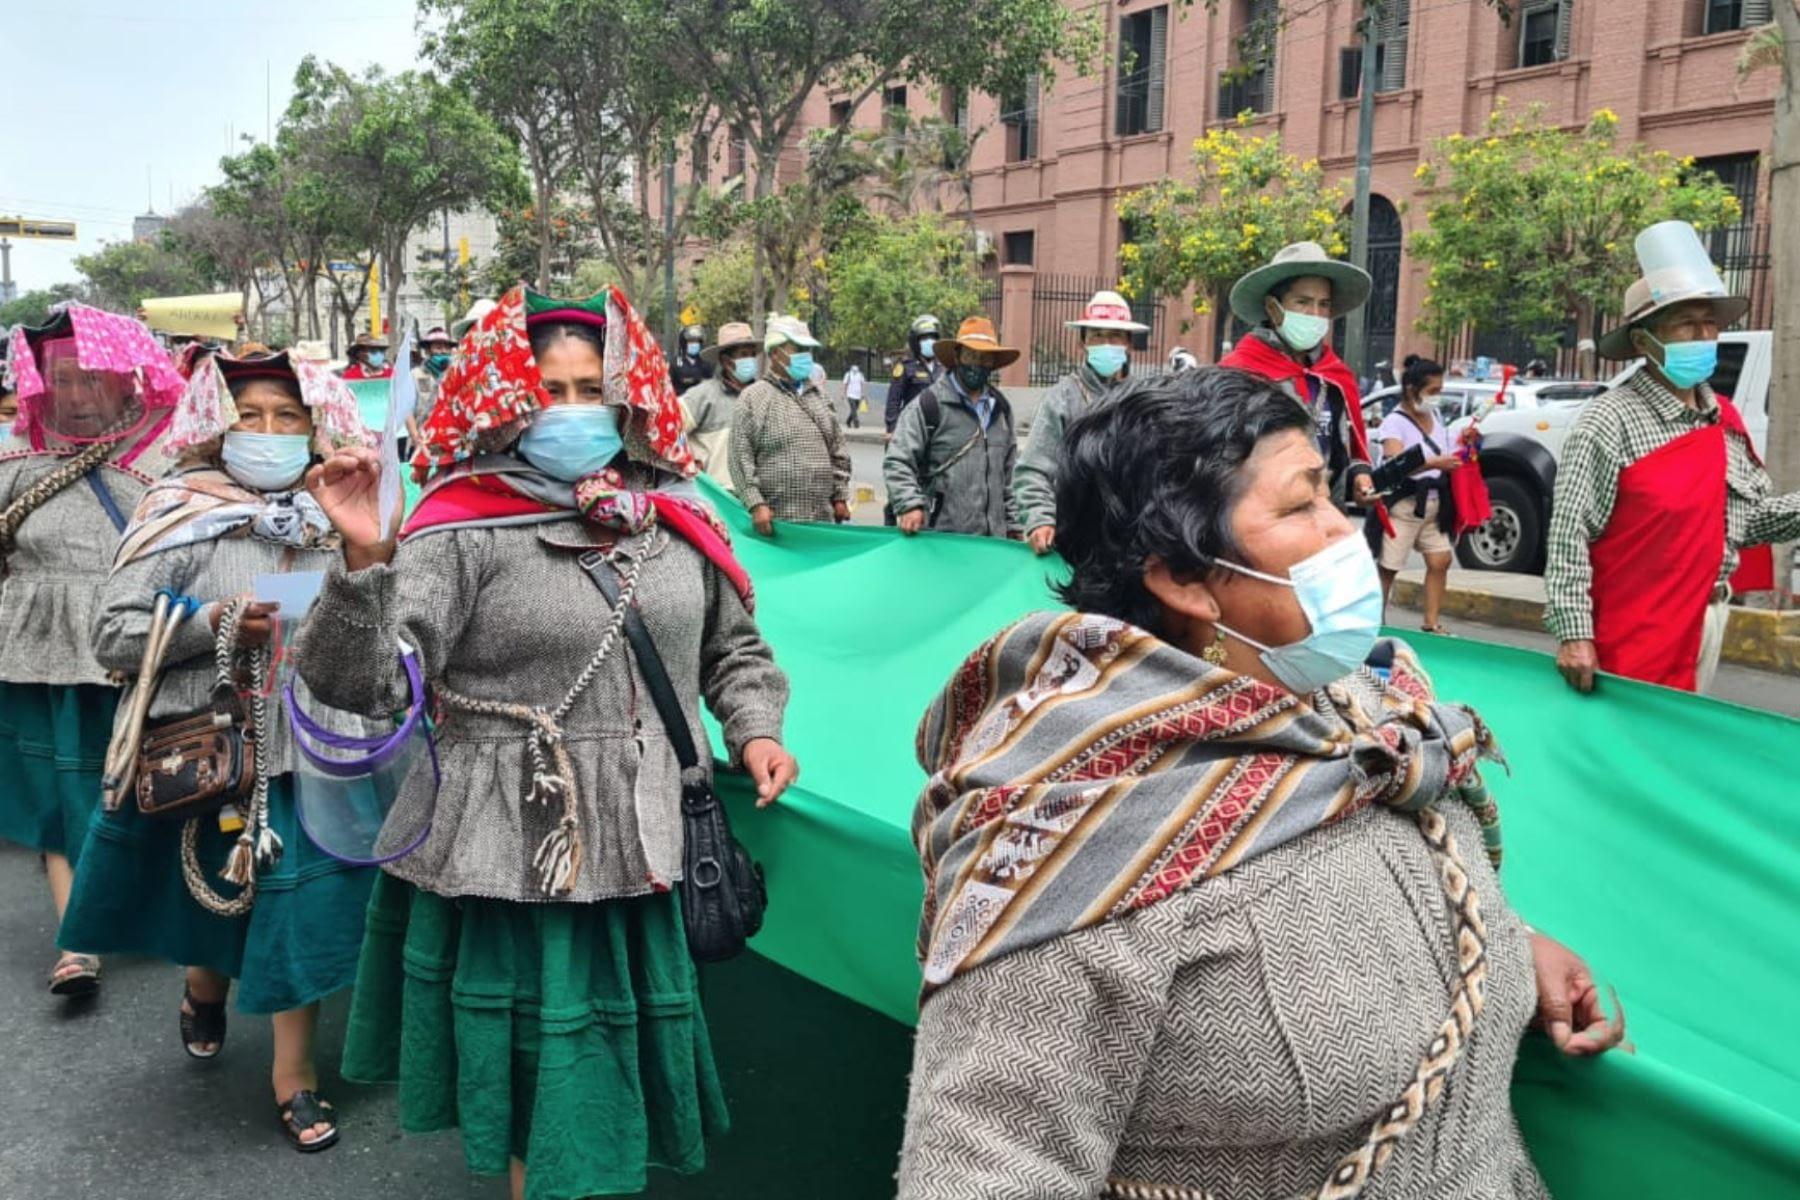 Congreso: Líderes indígenas rechazan militarización en sus territorios